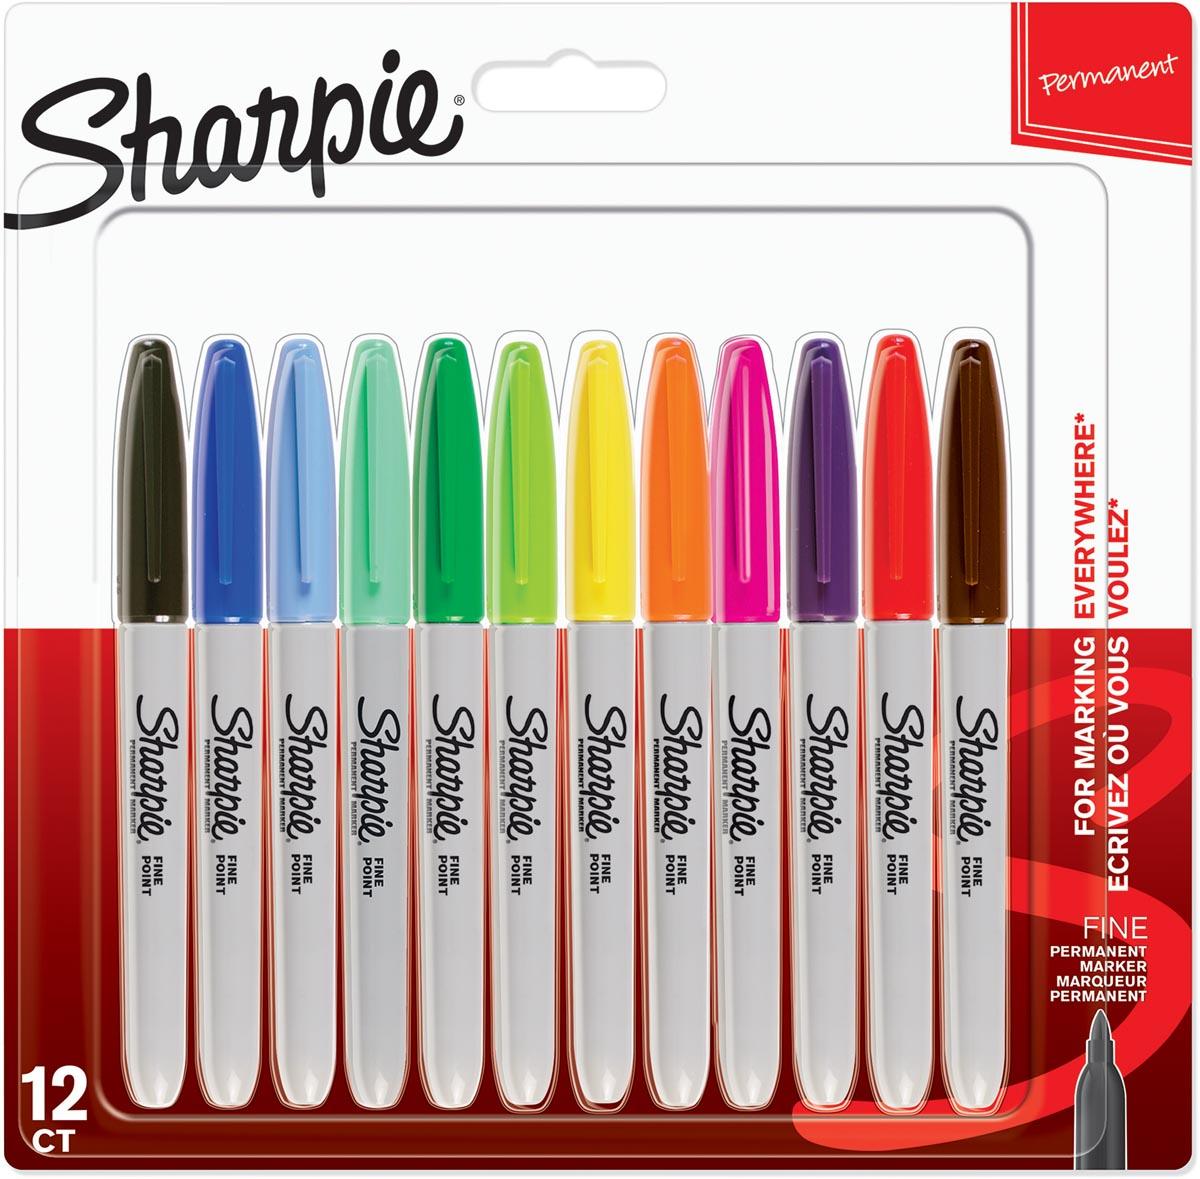 Sharpie permanente marker, fijn, blister van 12 stuks in geassorteerde kleuren